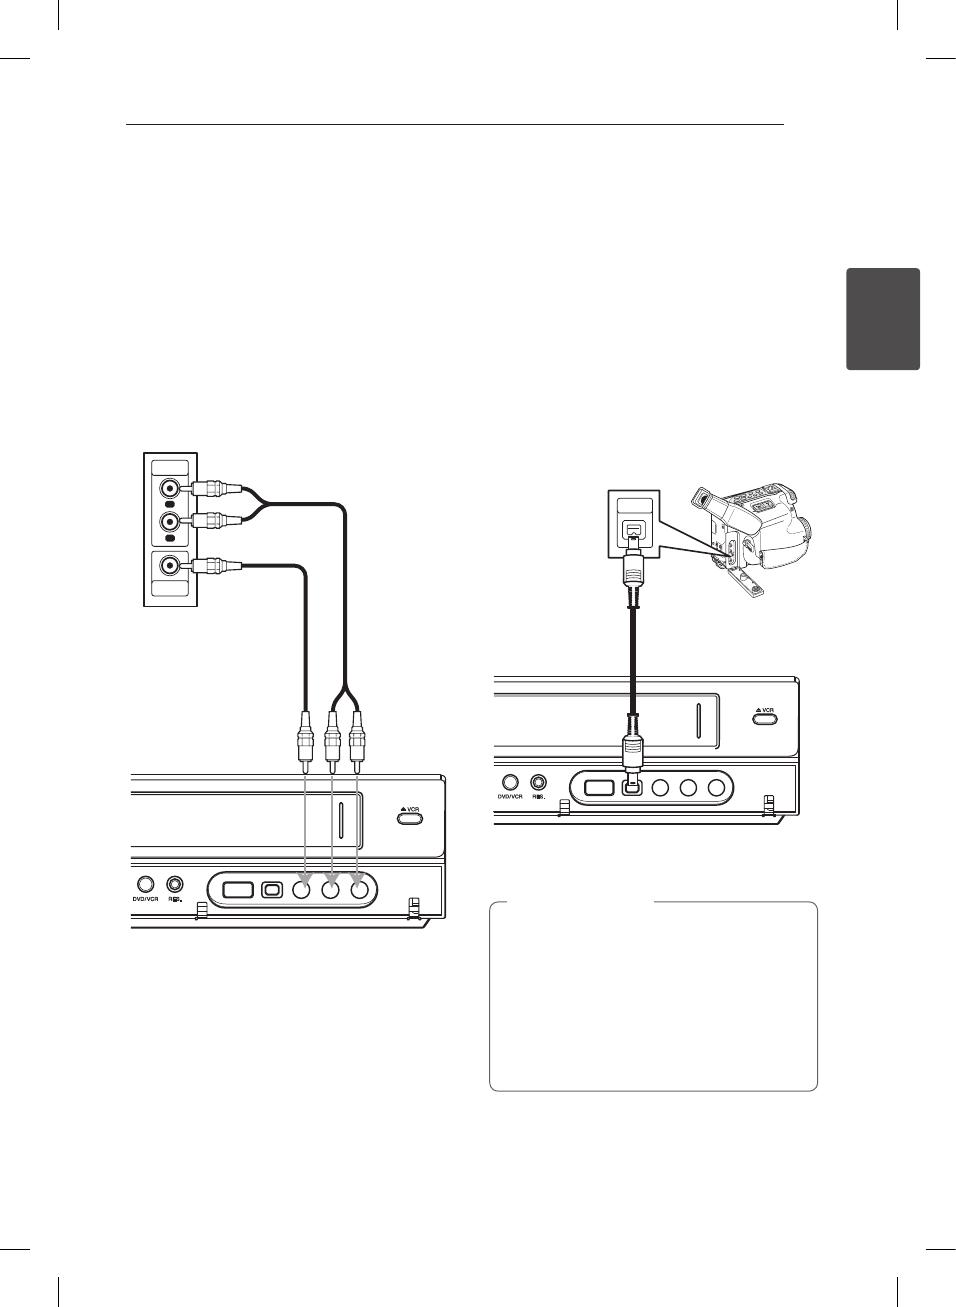 Handleiding LG RCT689H (pagina 19 van 72) (Nederlands)